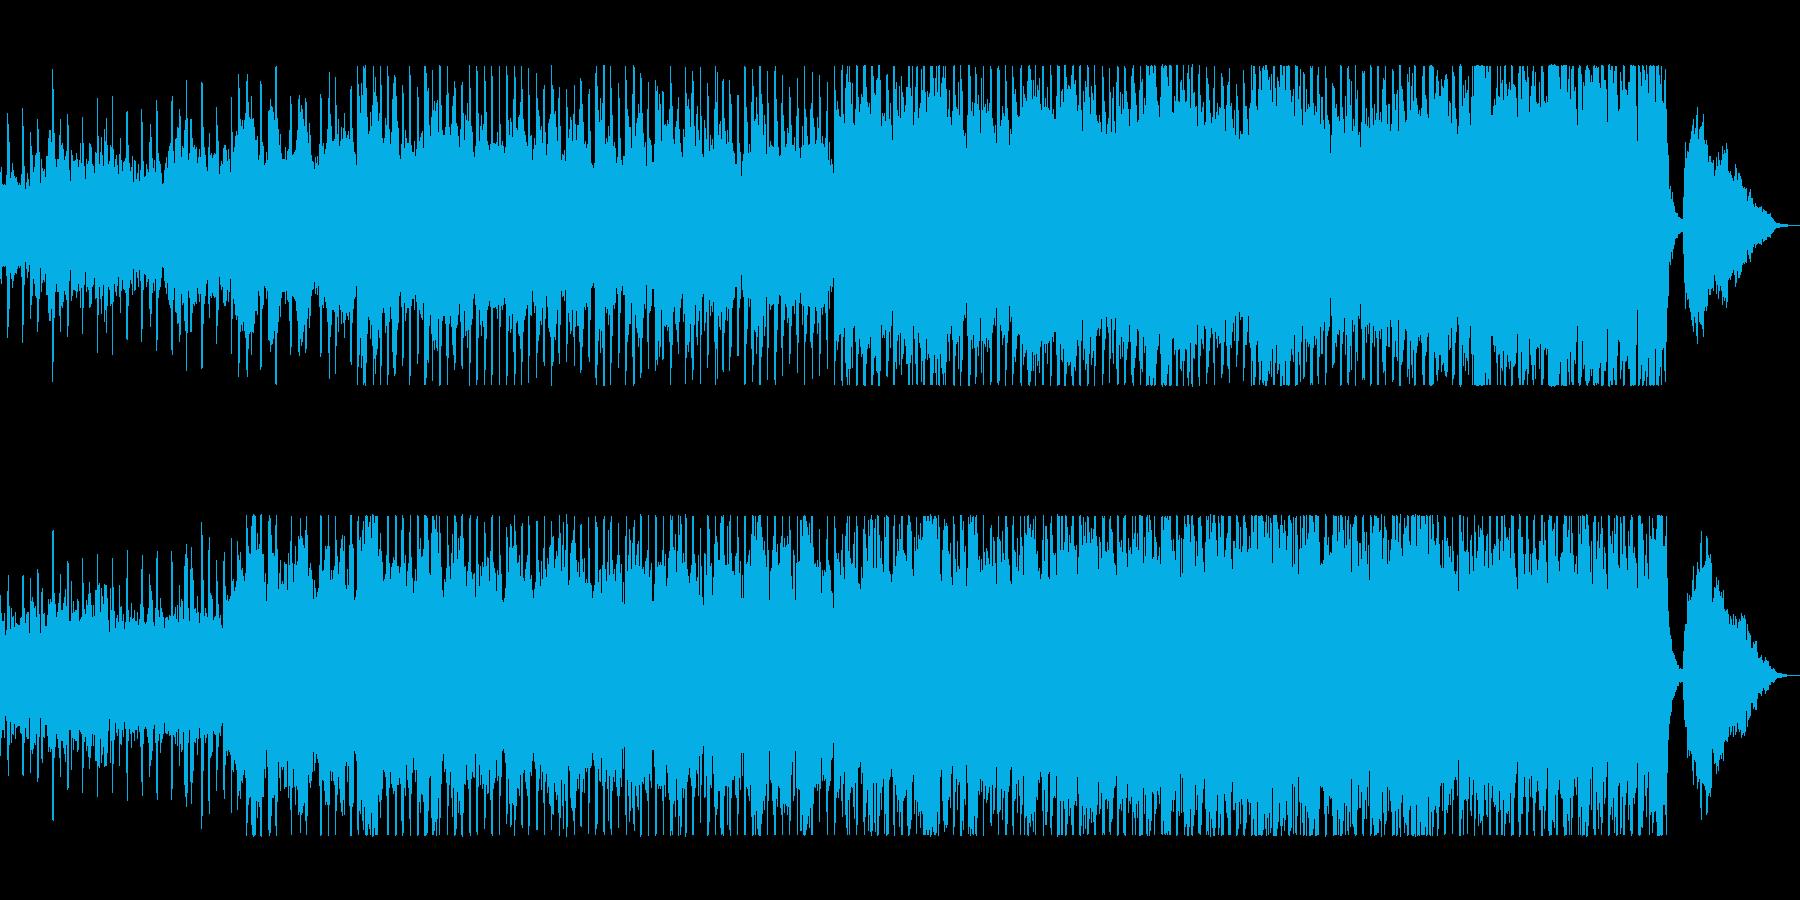 爽やかで美しいピアノシンセサウンドの再生済みの波形